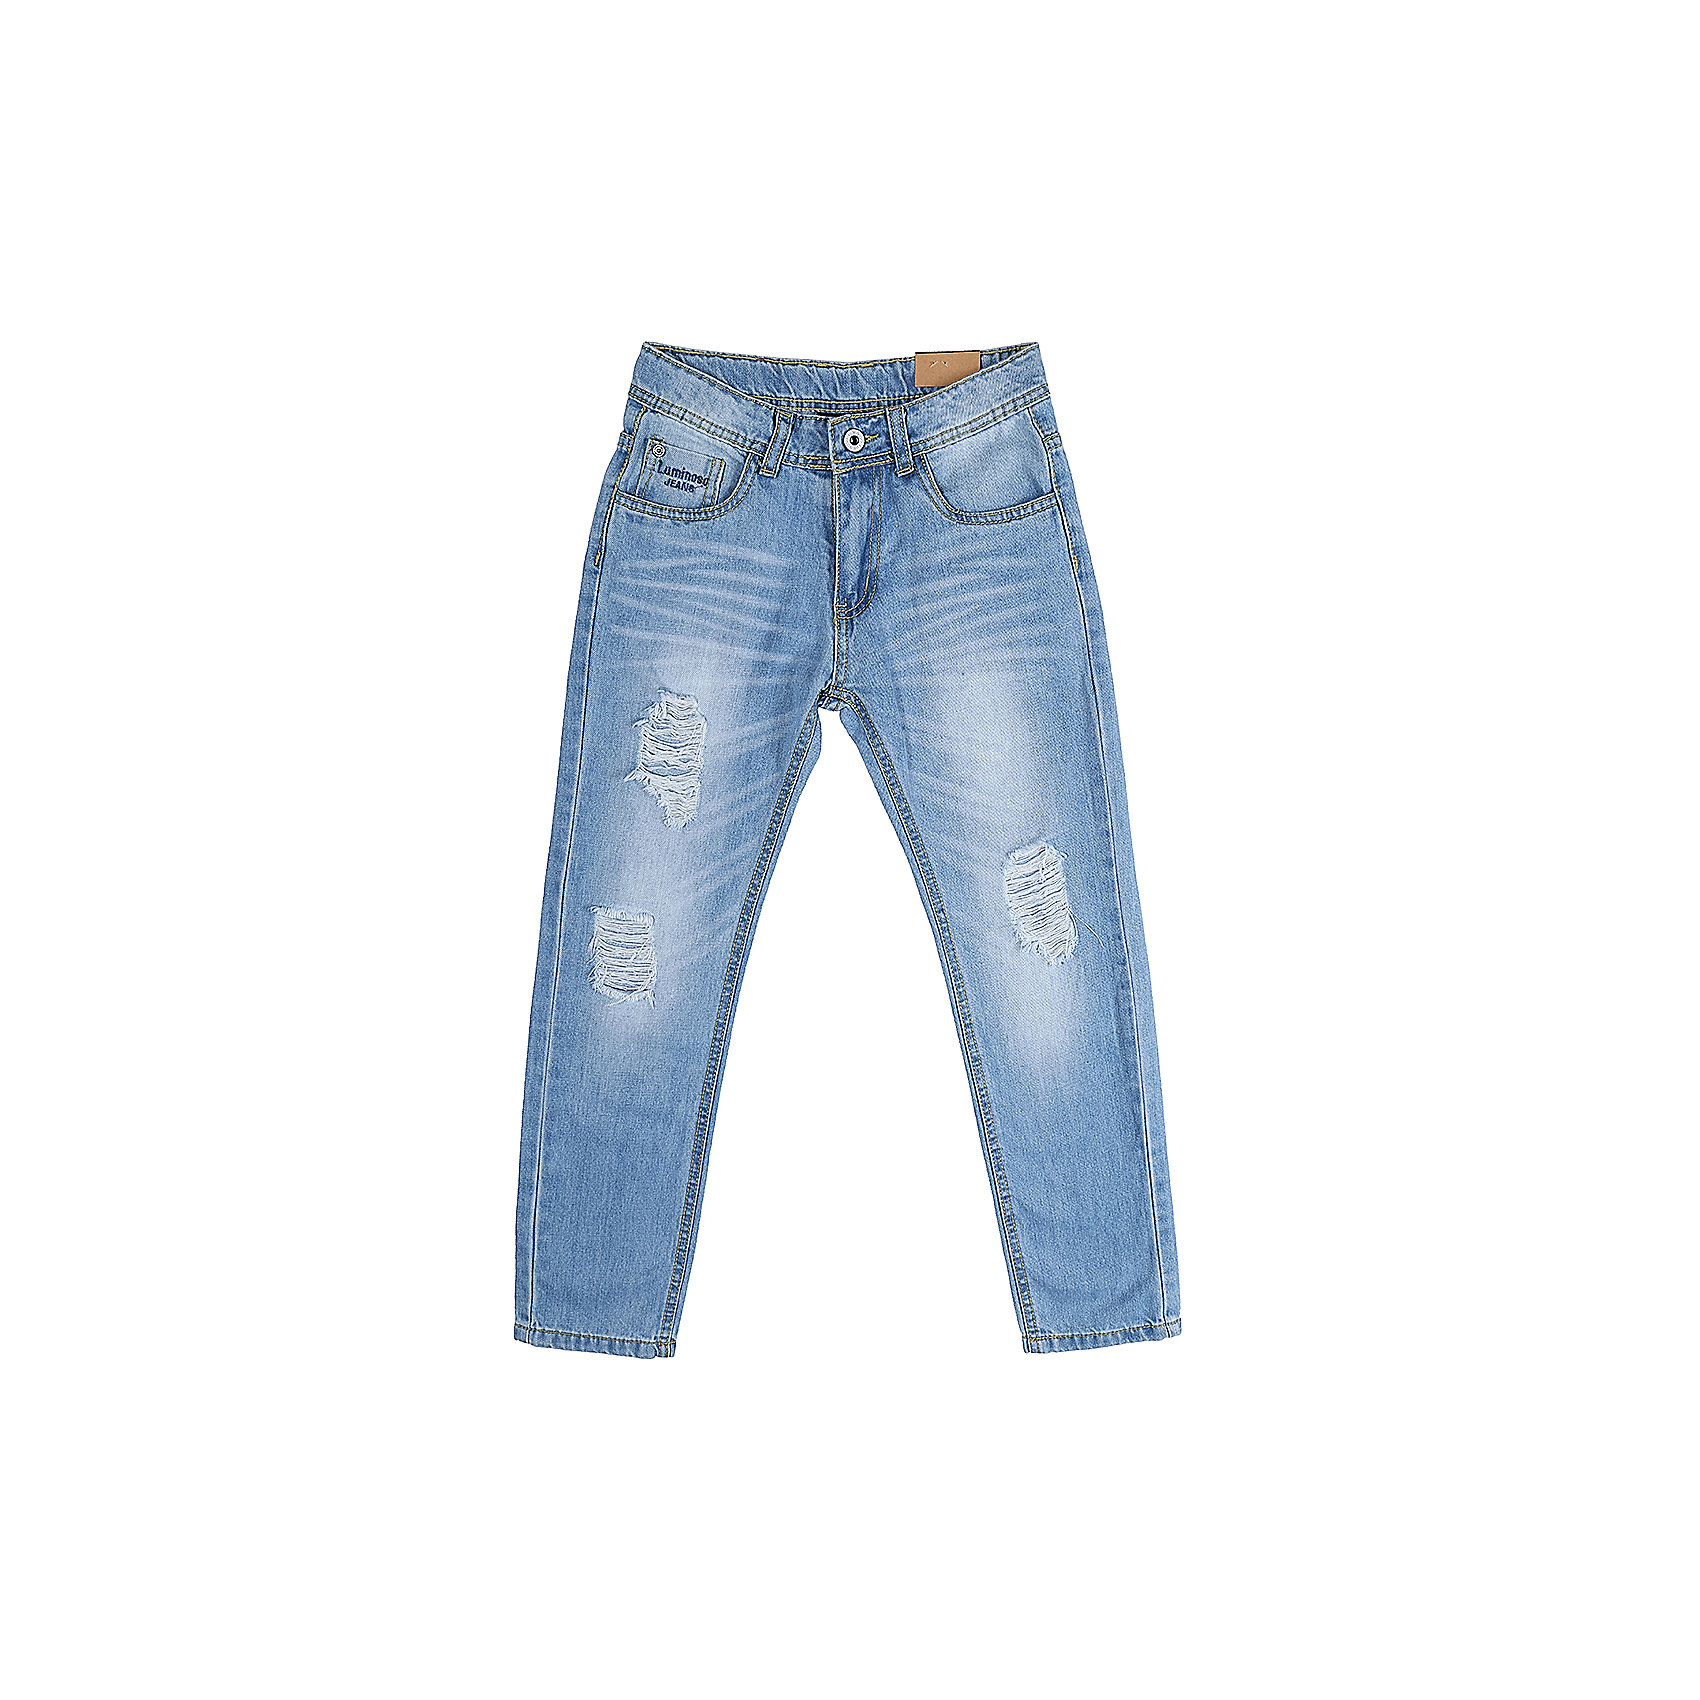 Джинсы для мальчика LuminosoДжинсовая одежда<br>Джинсы  для мальчика с оригинальной варкой. Декорированы  потертости и эффектом рваной джинсы. Зауженный крой, средняя посадка. Застегиваются на молнию и пуговицу. Шлевки на поясе рассчитаны под ремень. В боковой части пояса находятся вшитые эластичные ленты, регулирующие посадку по талии.<br>Состав:<br>100%хлопок<br><br>Ширина мм: 215<br>Глубина мм: 88<br>Высота мм: 191<br>Вес г: 336<br>Цвет: синий<br>Возраст от месяцев: 132<br>Возраст до месяцев: 144<br>Пол: Мужской<br>Возраст: Детский<br>Размер: 152,134,164,158,146,140<br>SKU: 5409678